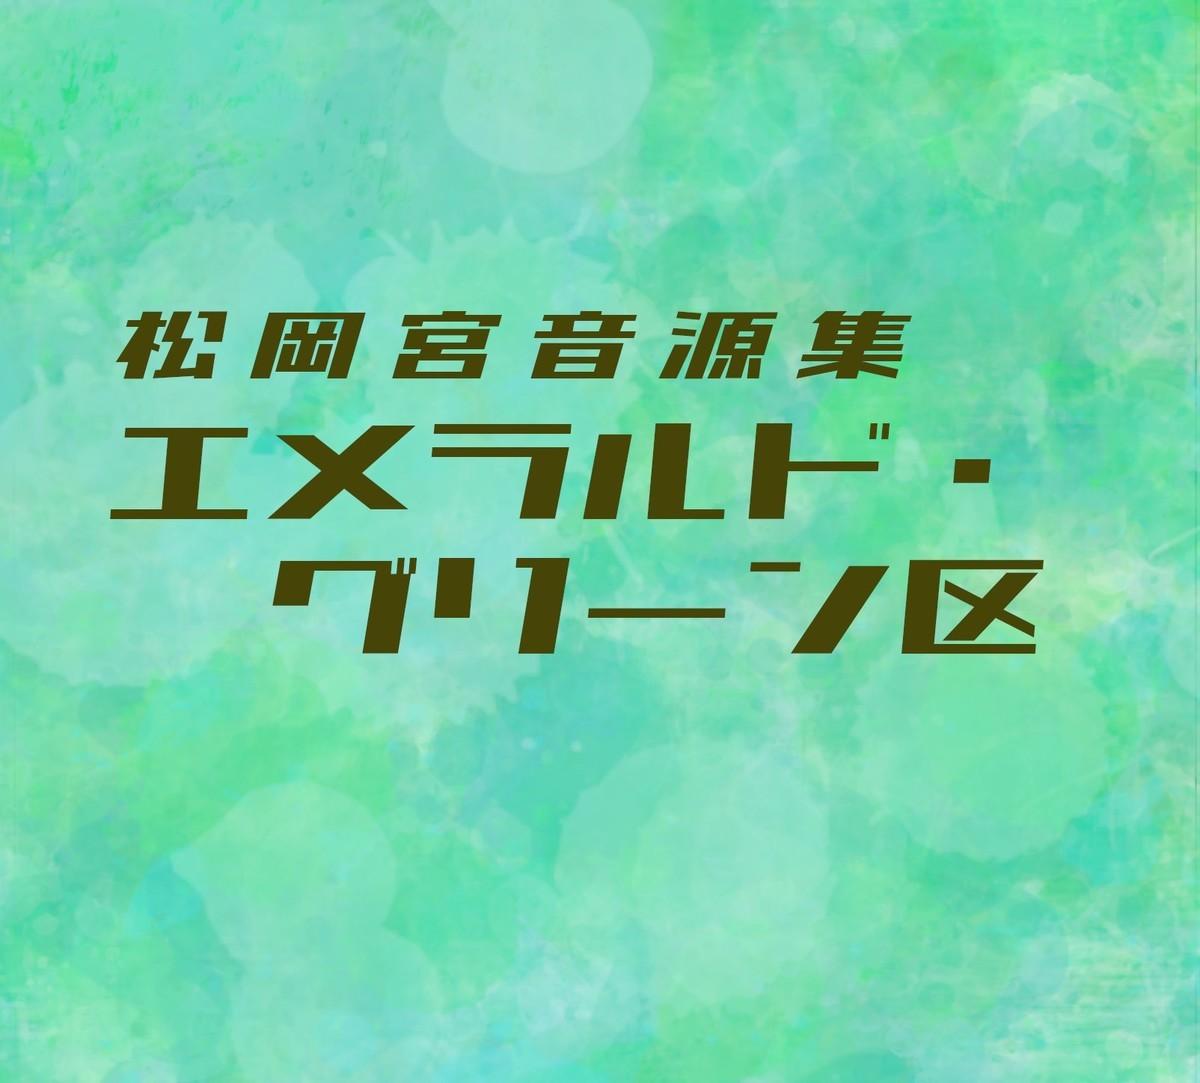 f:id:miya_ma:20201110131948j:plain